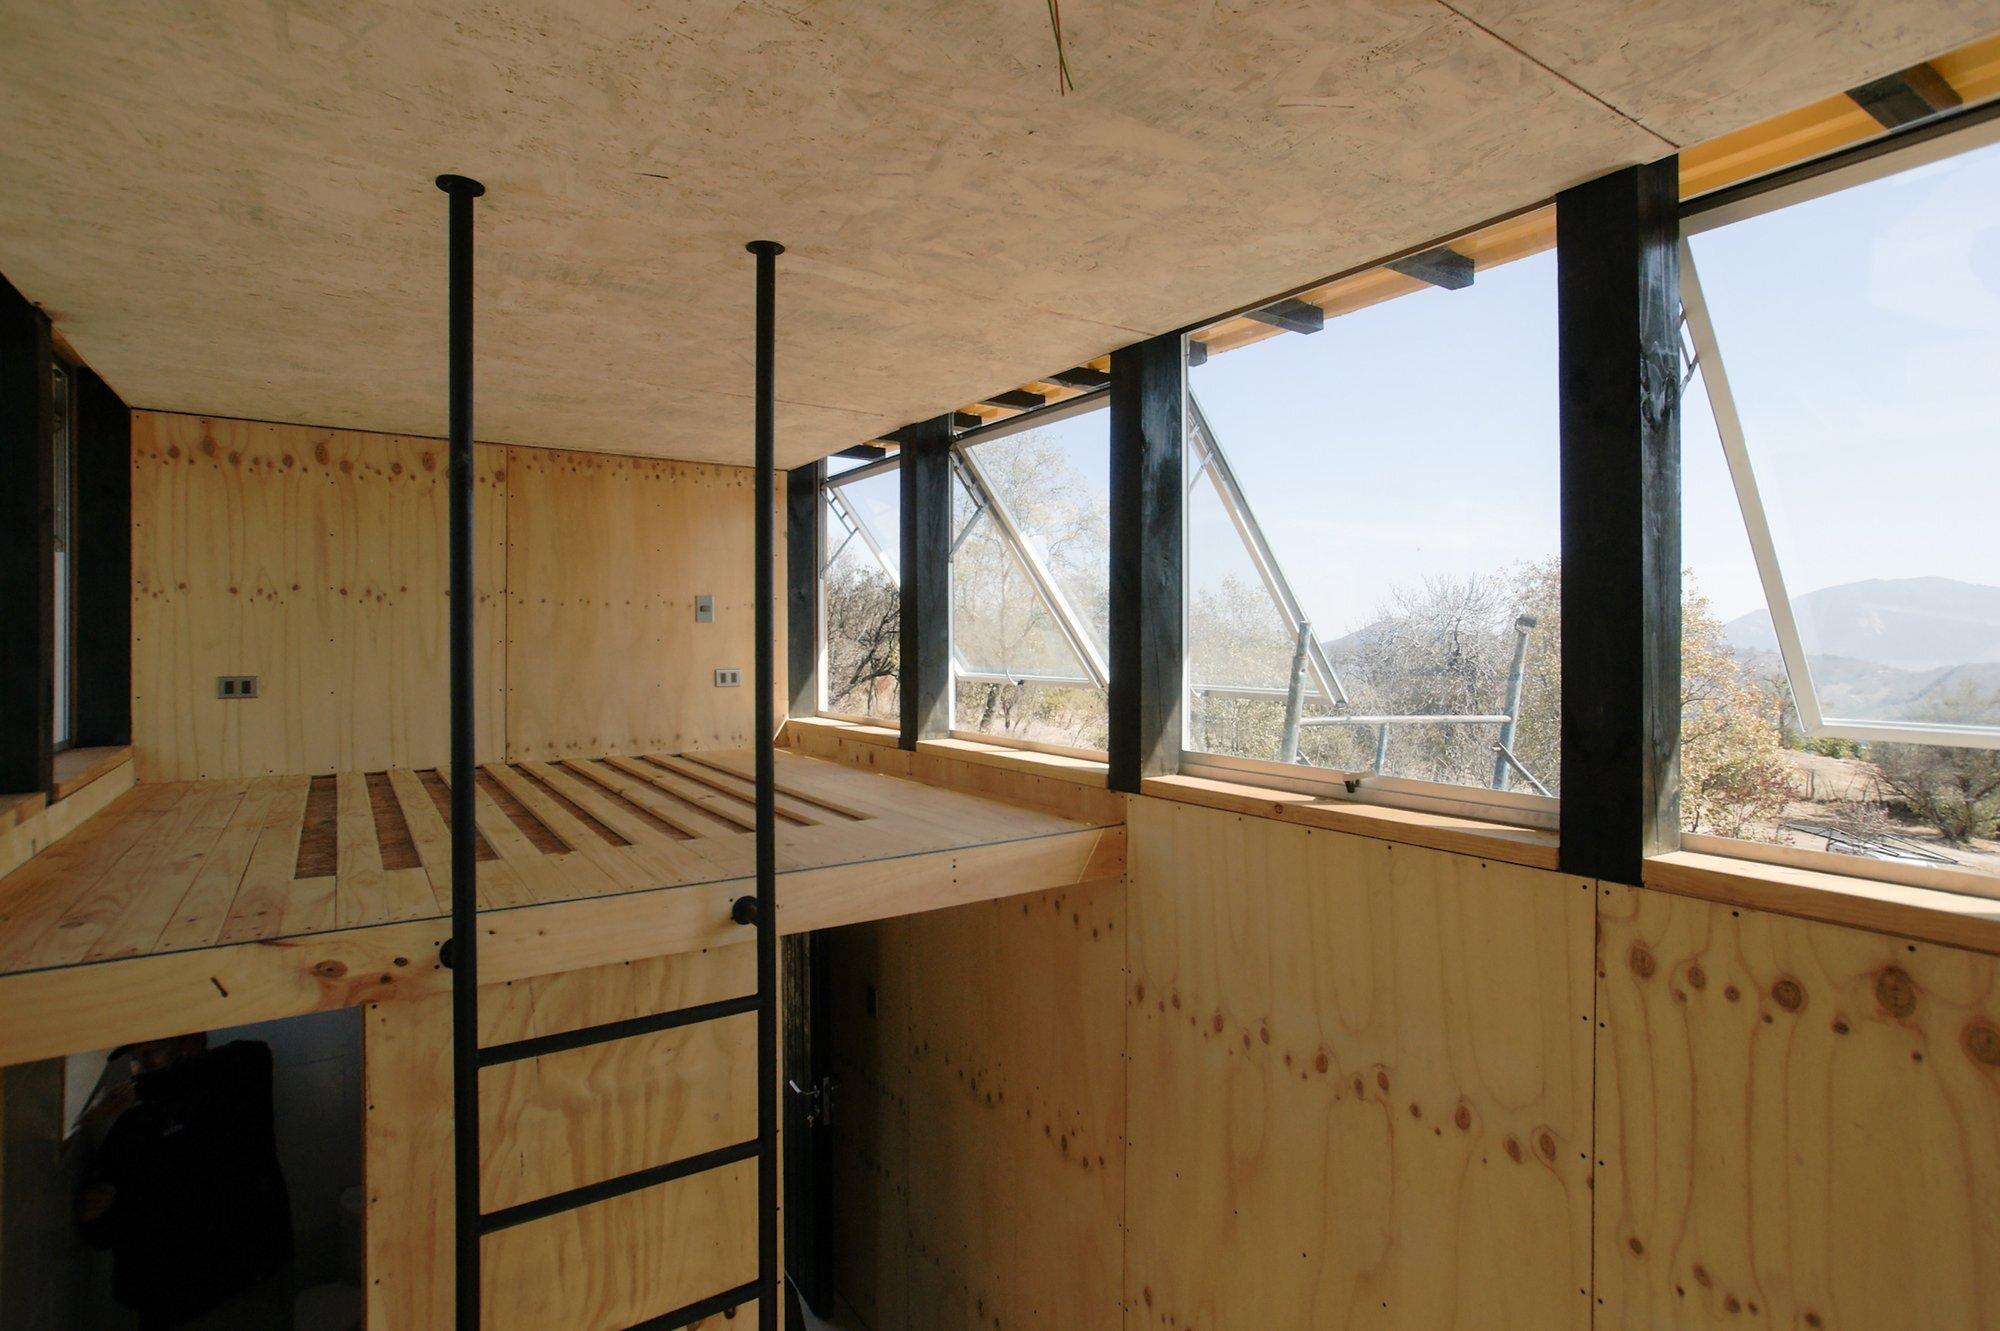 Charred Cabin - Nicolas del Rio - Chile - Loft - Humble Homes